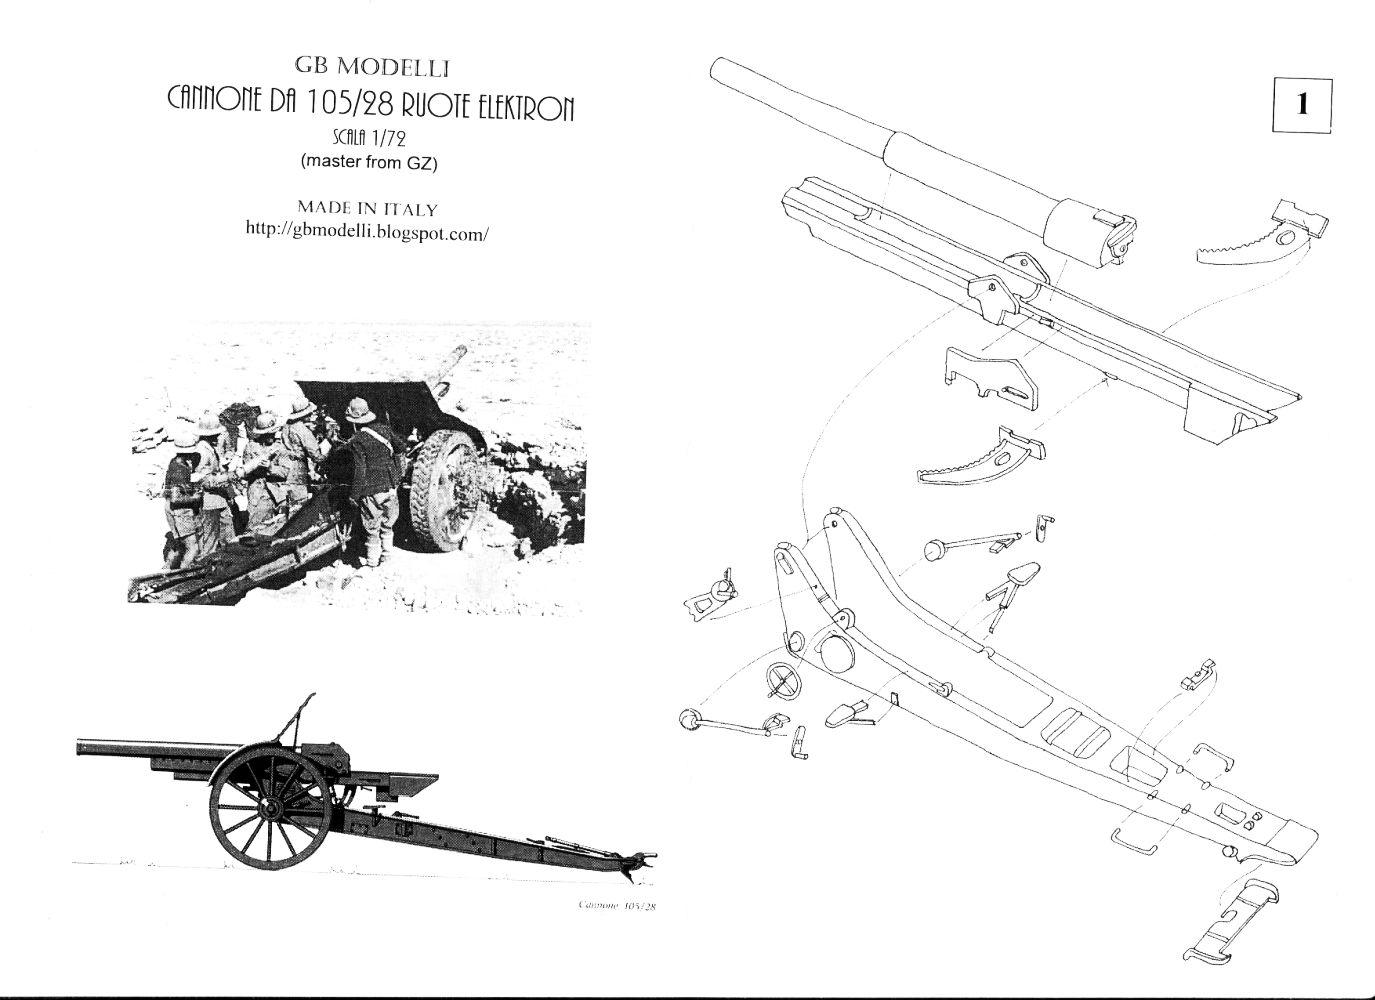 Briga Gb Modelli Cannone Da 105 28 Ruote Elektron Kit No